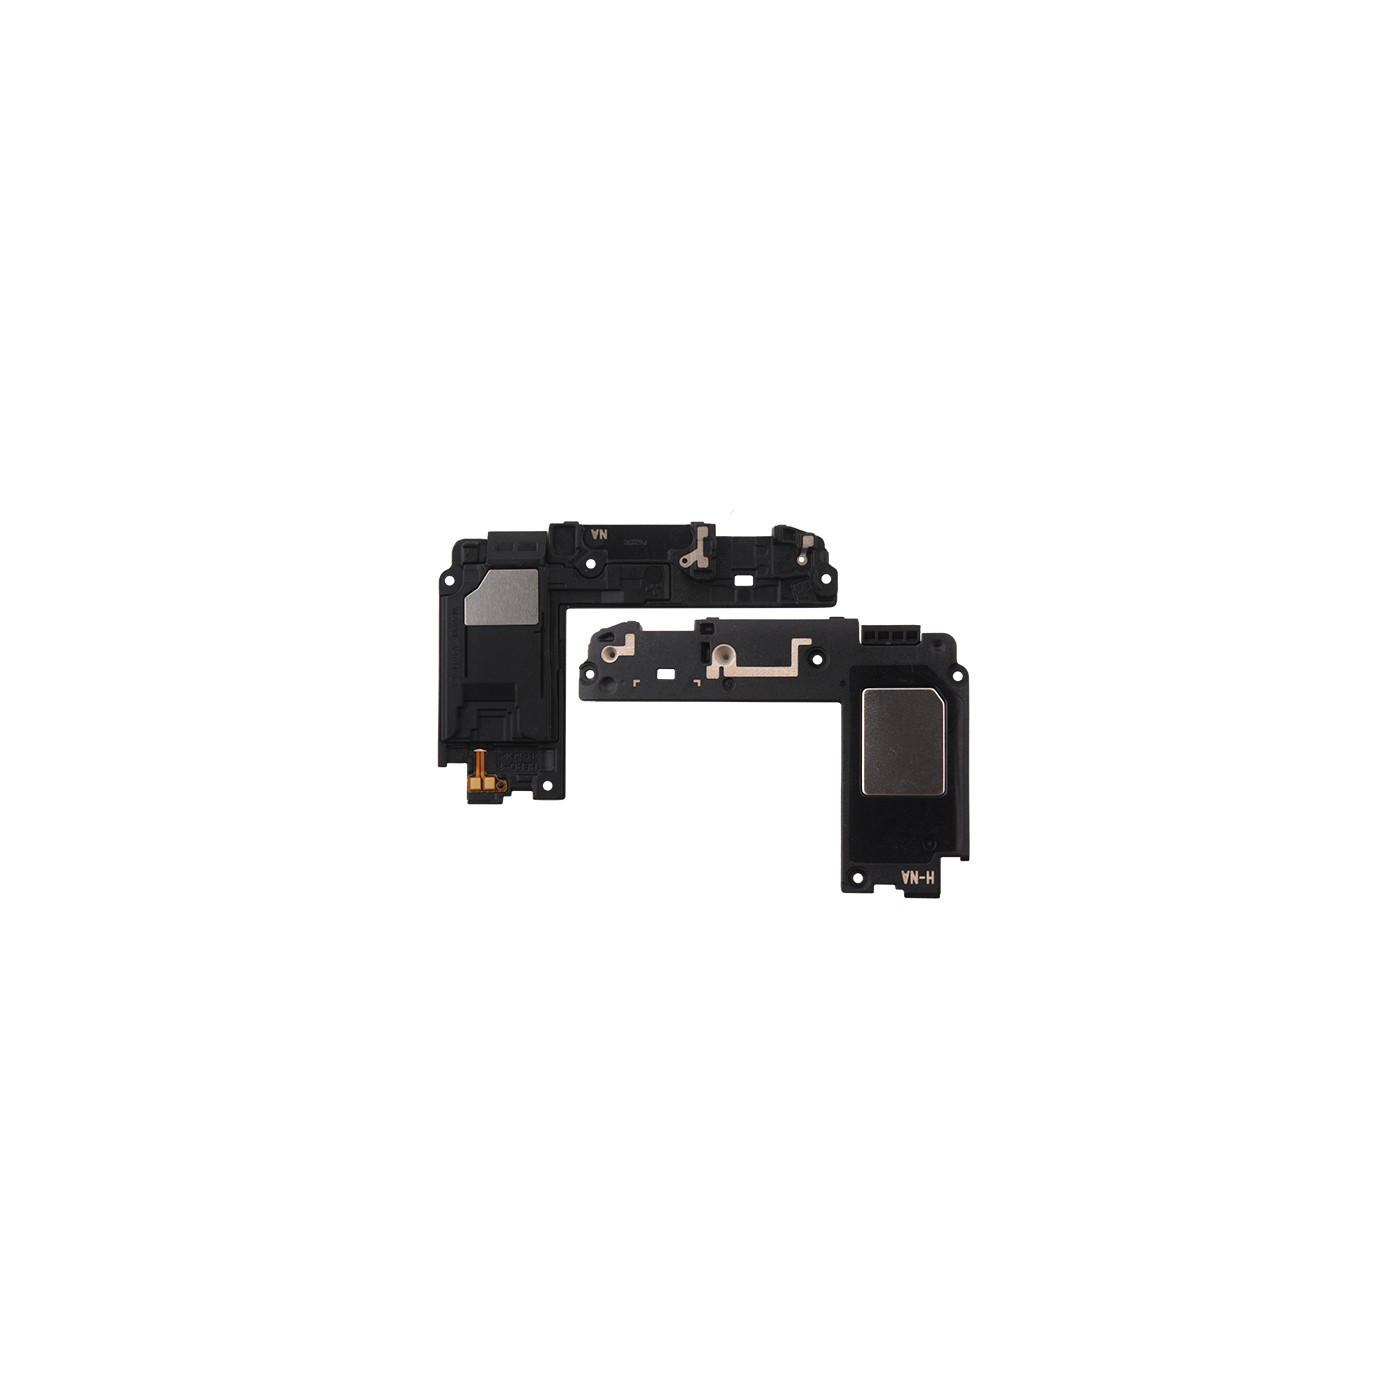 Lautsprecher Lautsprecher für Galaxy S7 Kleinbuchstaben